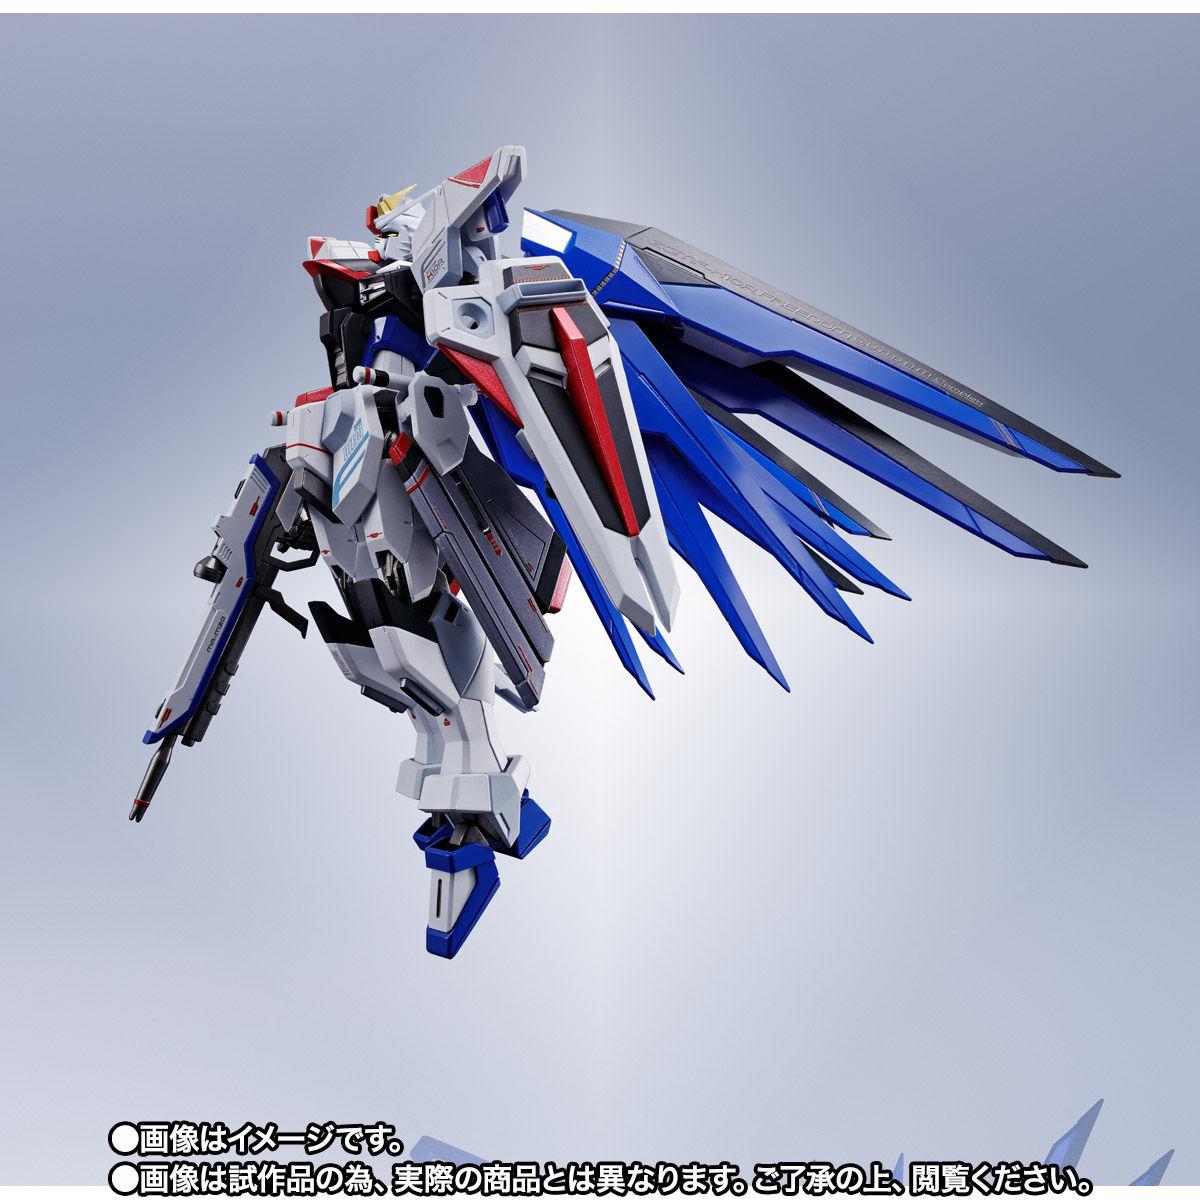 【限定販売】【再販】METAL ROBOT魂〈SIDE MS〉『フリーダムガンダム』ガンダムSEED 可動フィギュア-009